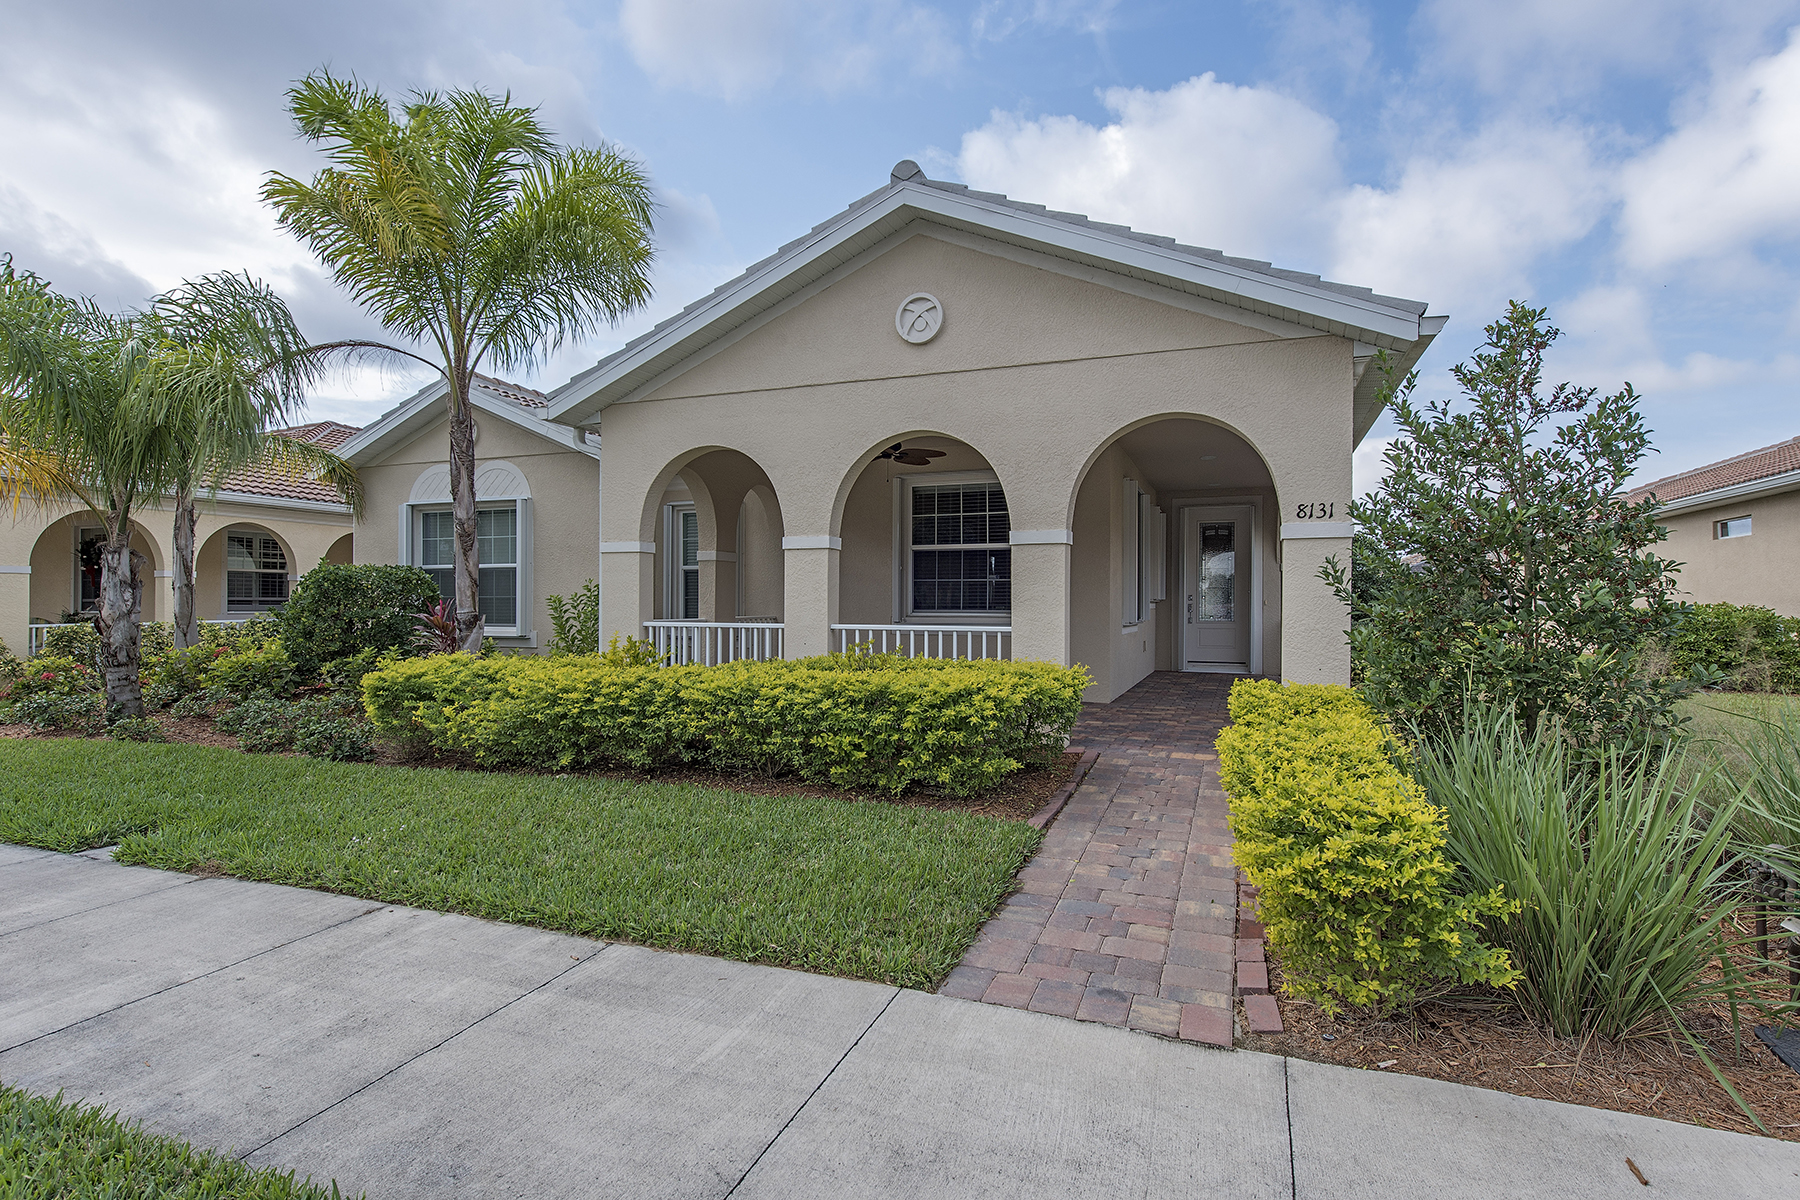 Vivienda unifamiliar por un Venta en VERONA WALK 8131 Sorrento Ln Naples, Florida, 34114 Estados Unidos